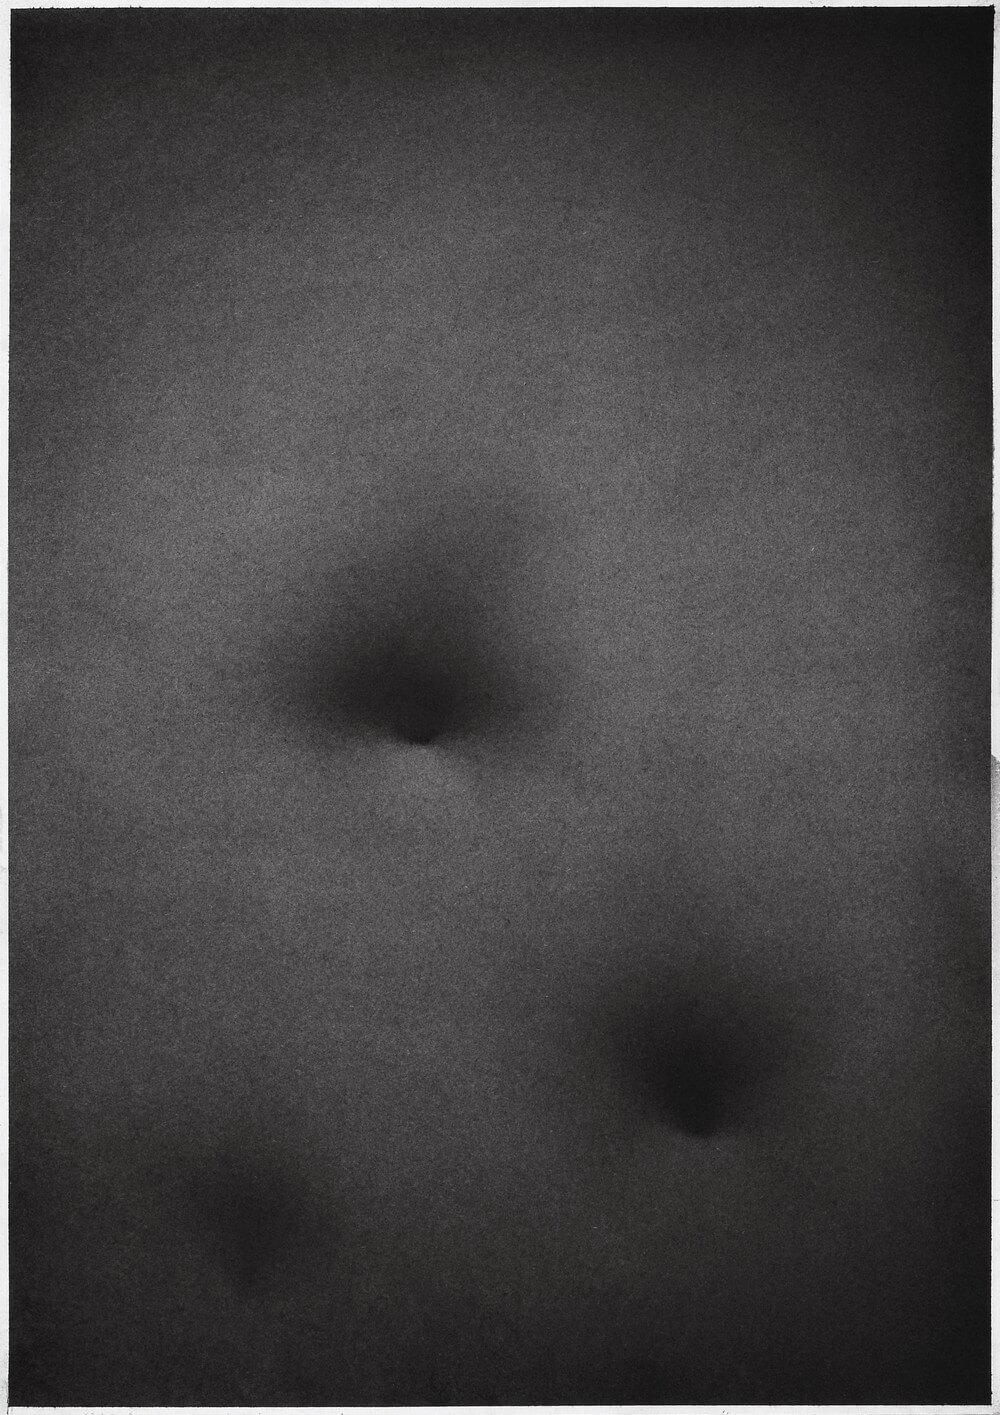 grafika: abstrakcja, na szarym tle dwa ciemniejsze pola